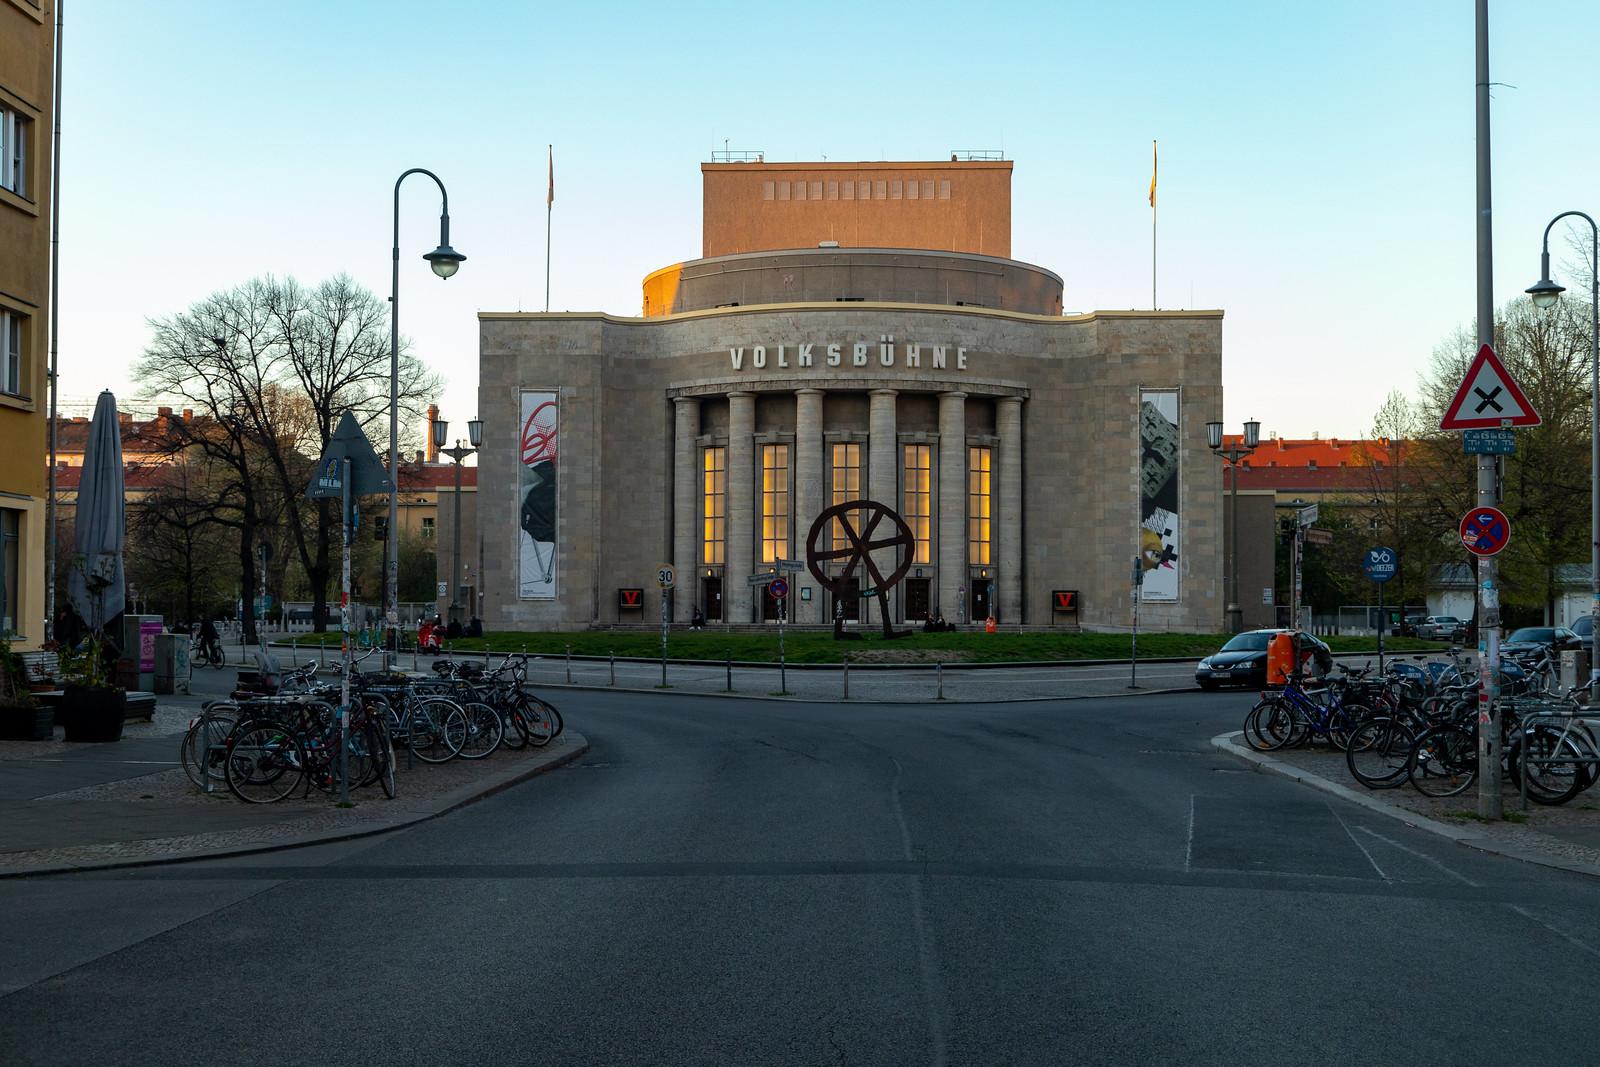 Die Volksbühne am Rosa-Luxemburg-Platz